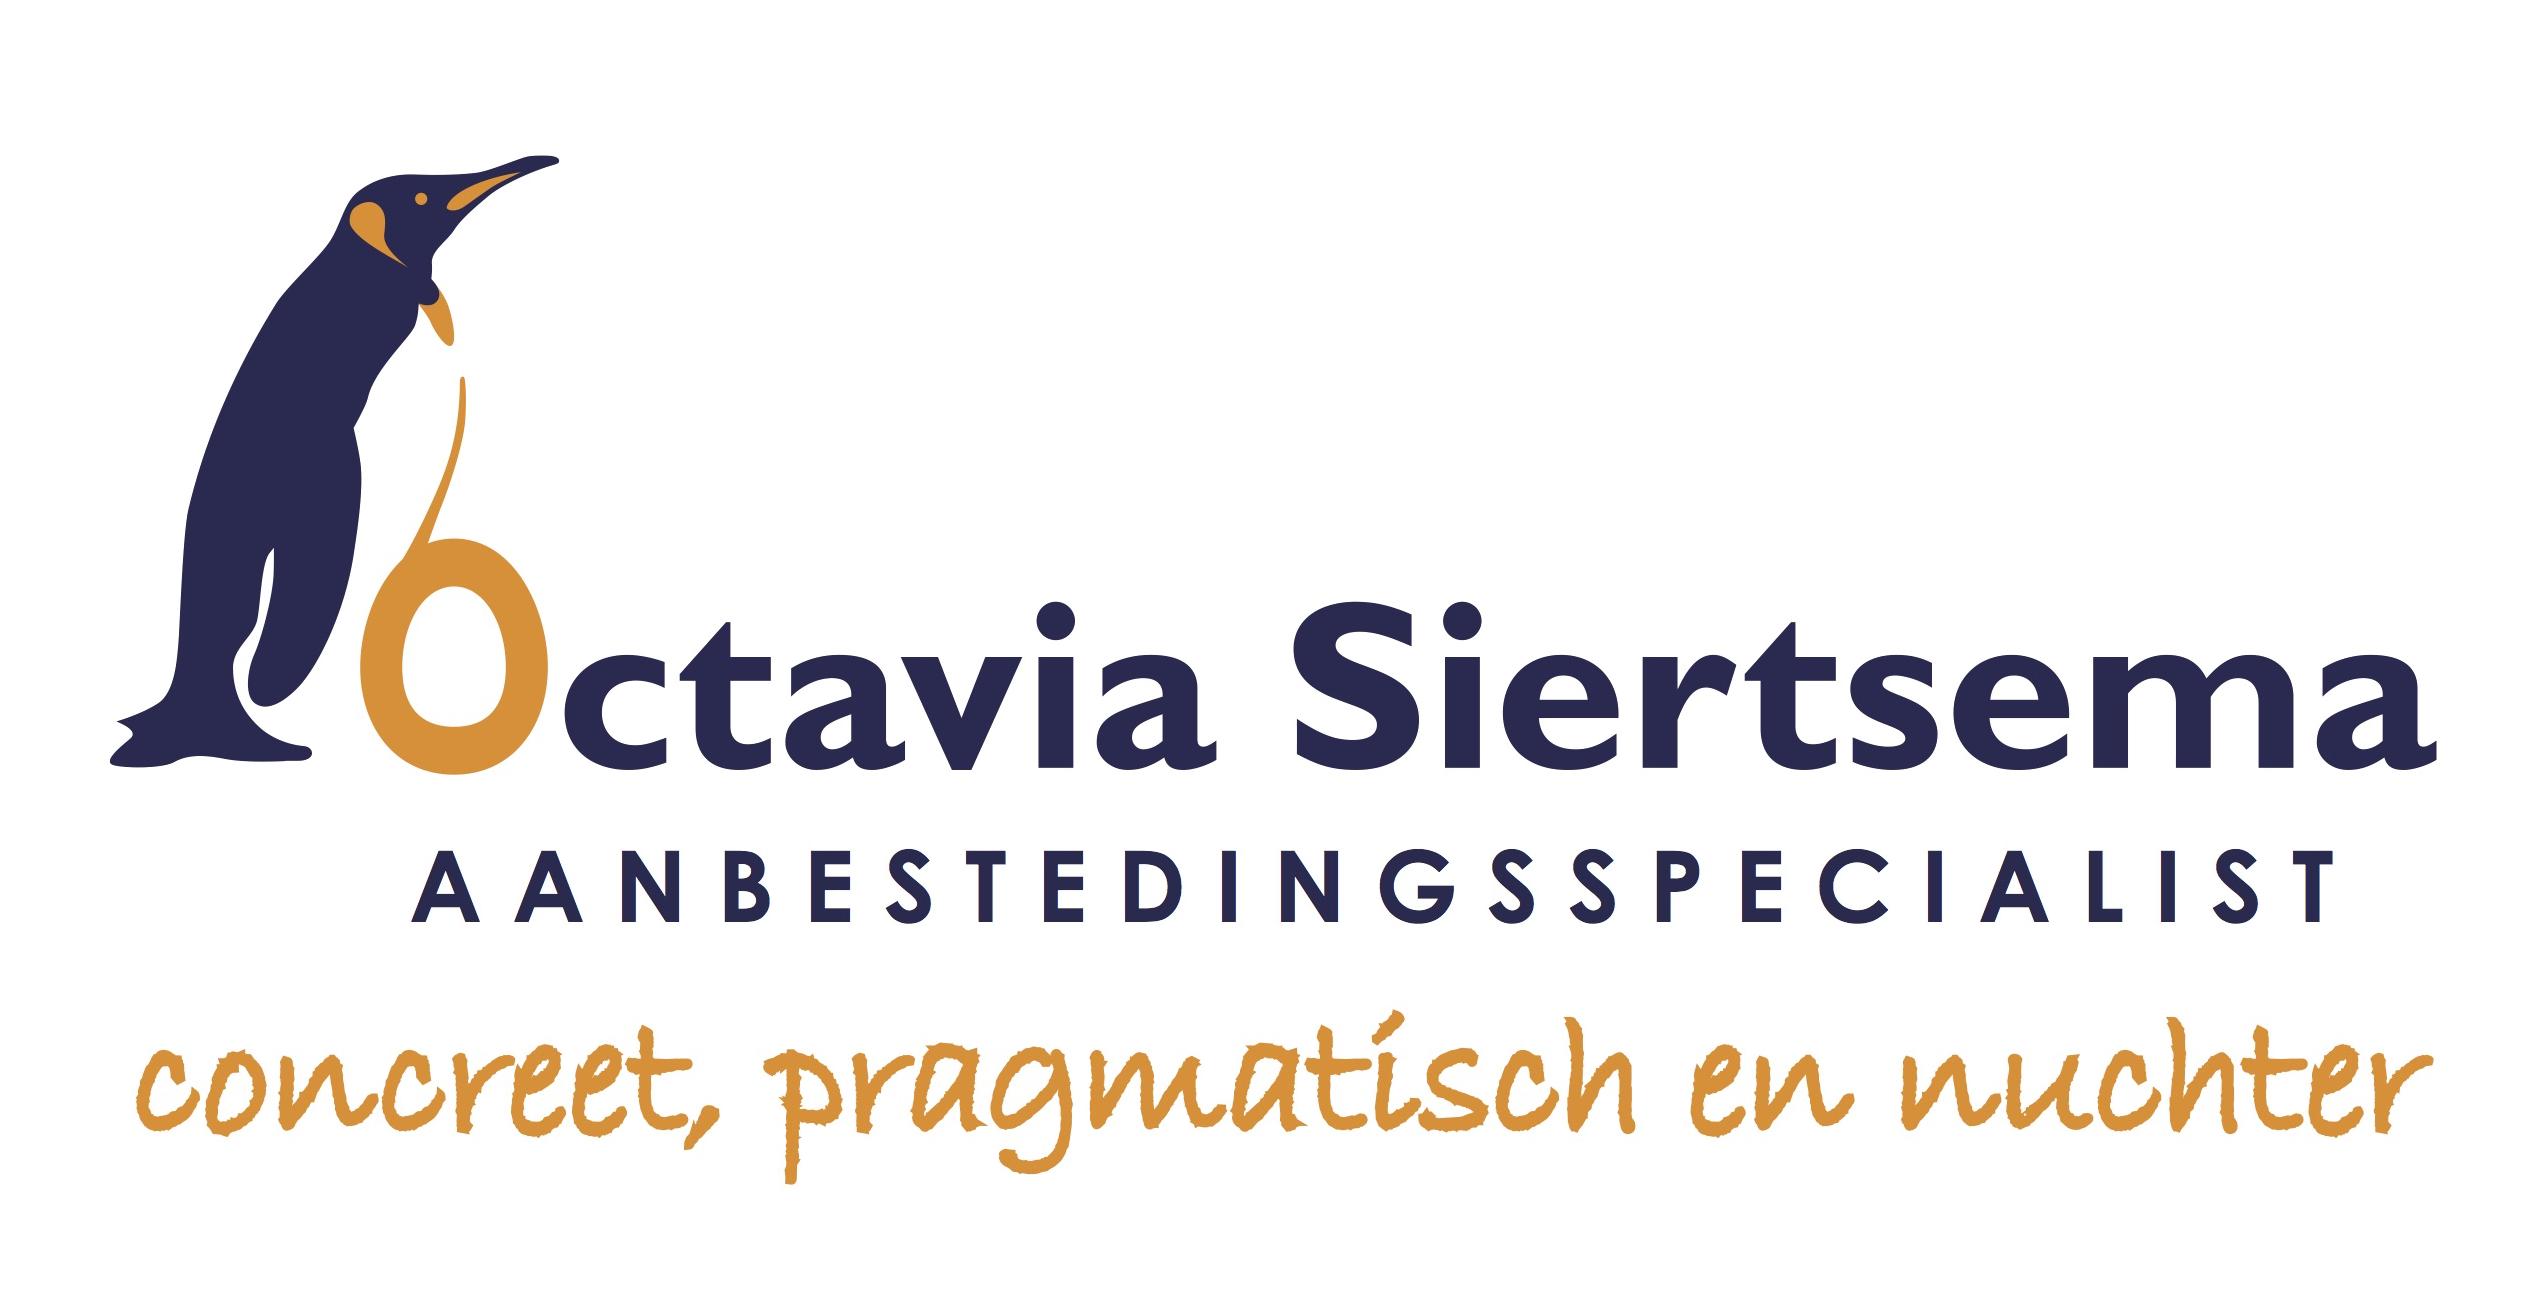 Octavia Siertsema